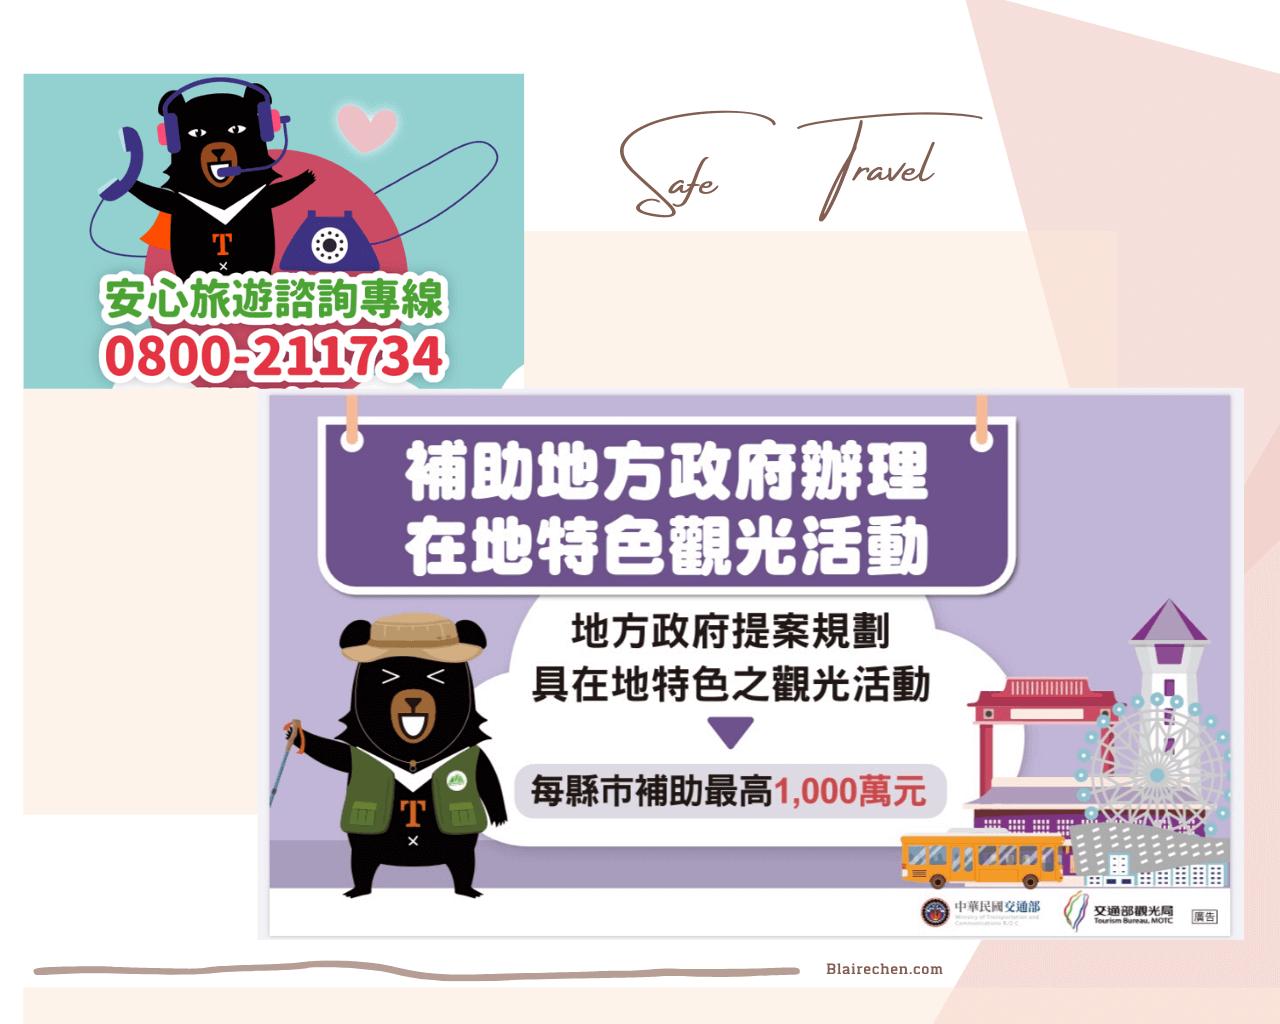 【安心旅遊補助懶人包】|一次搞懂安心旅遊補助!補助申請方法、飯店查詢、最新優惠、一看就懂!